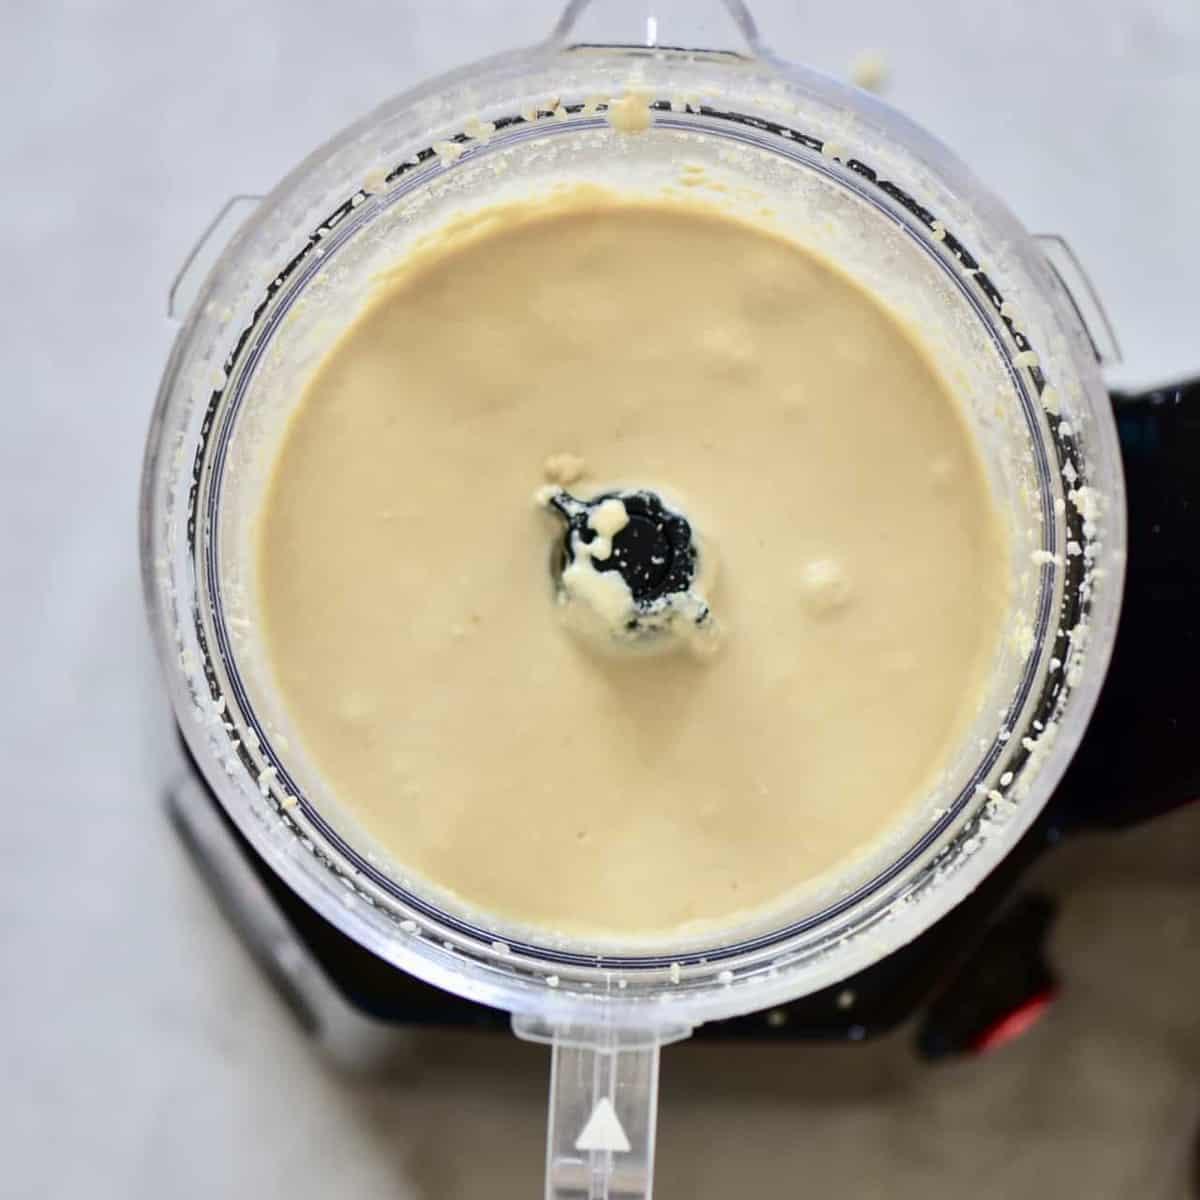 blended sesame seeds in a blender